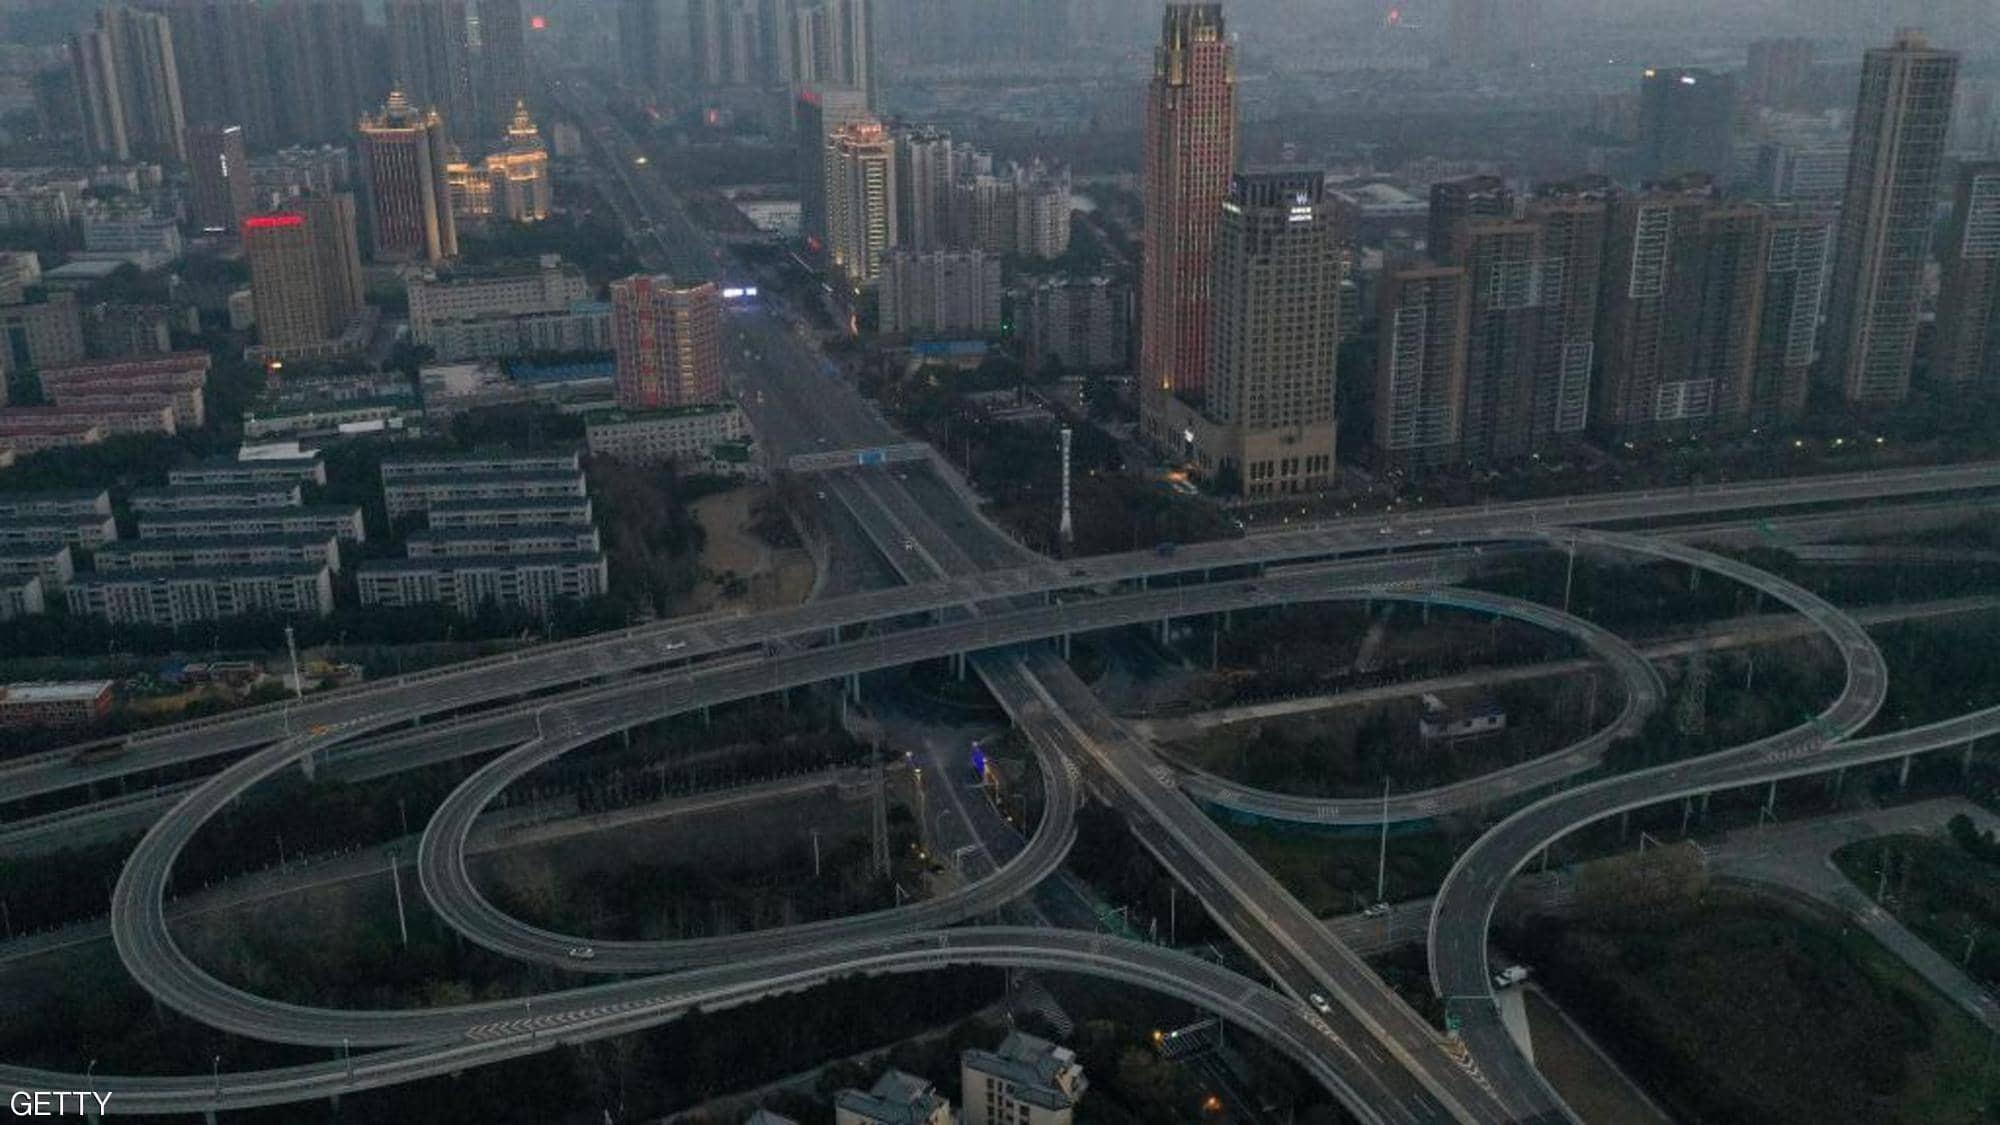 """بالفيديو والصور: مدينة """"ووهان"""" الصينية تحوّلت إلى """"مدينة أشباح"""" مفزعة"""